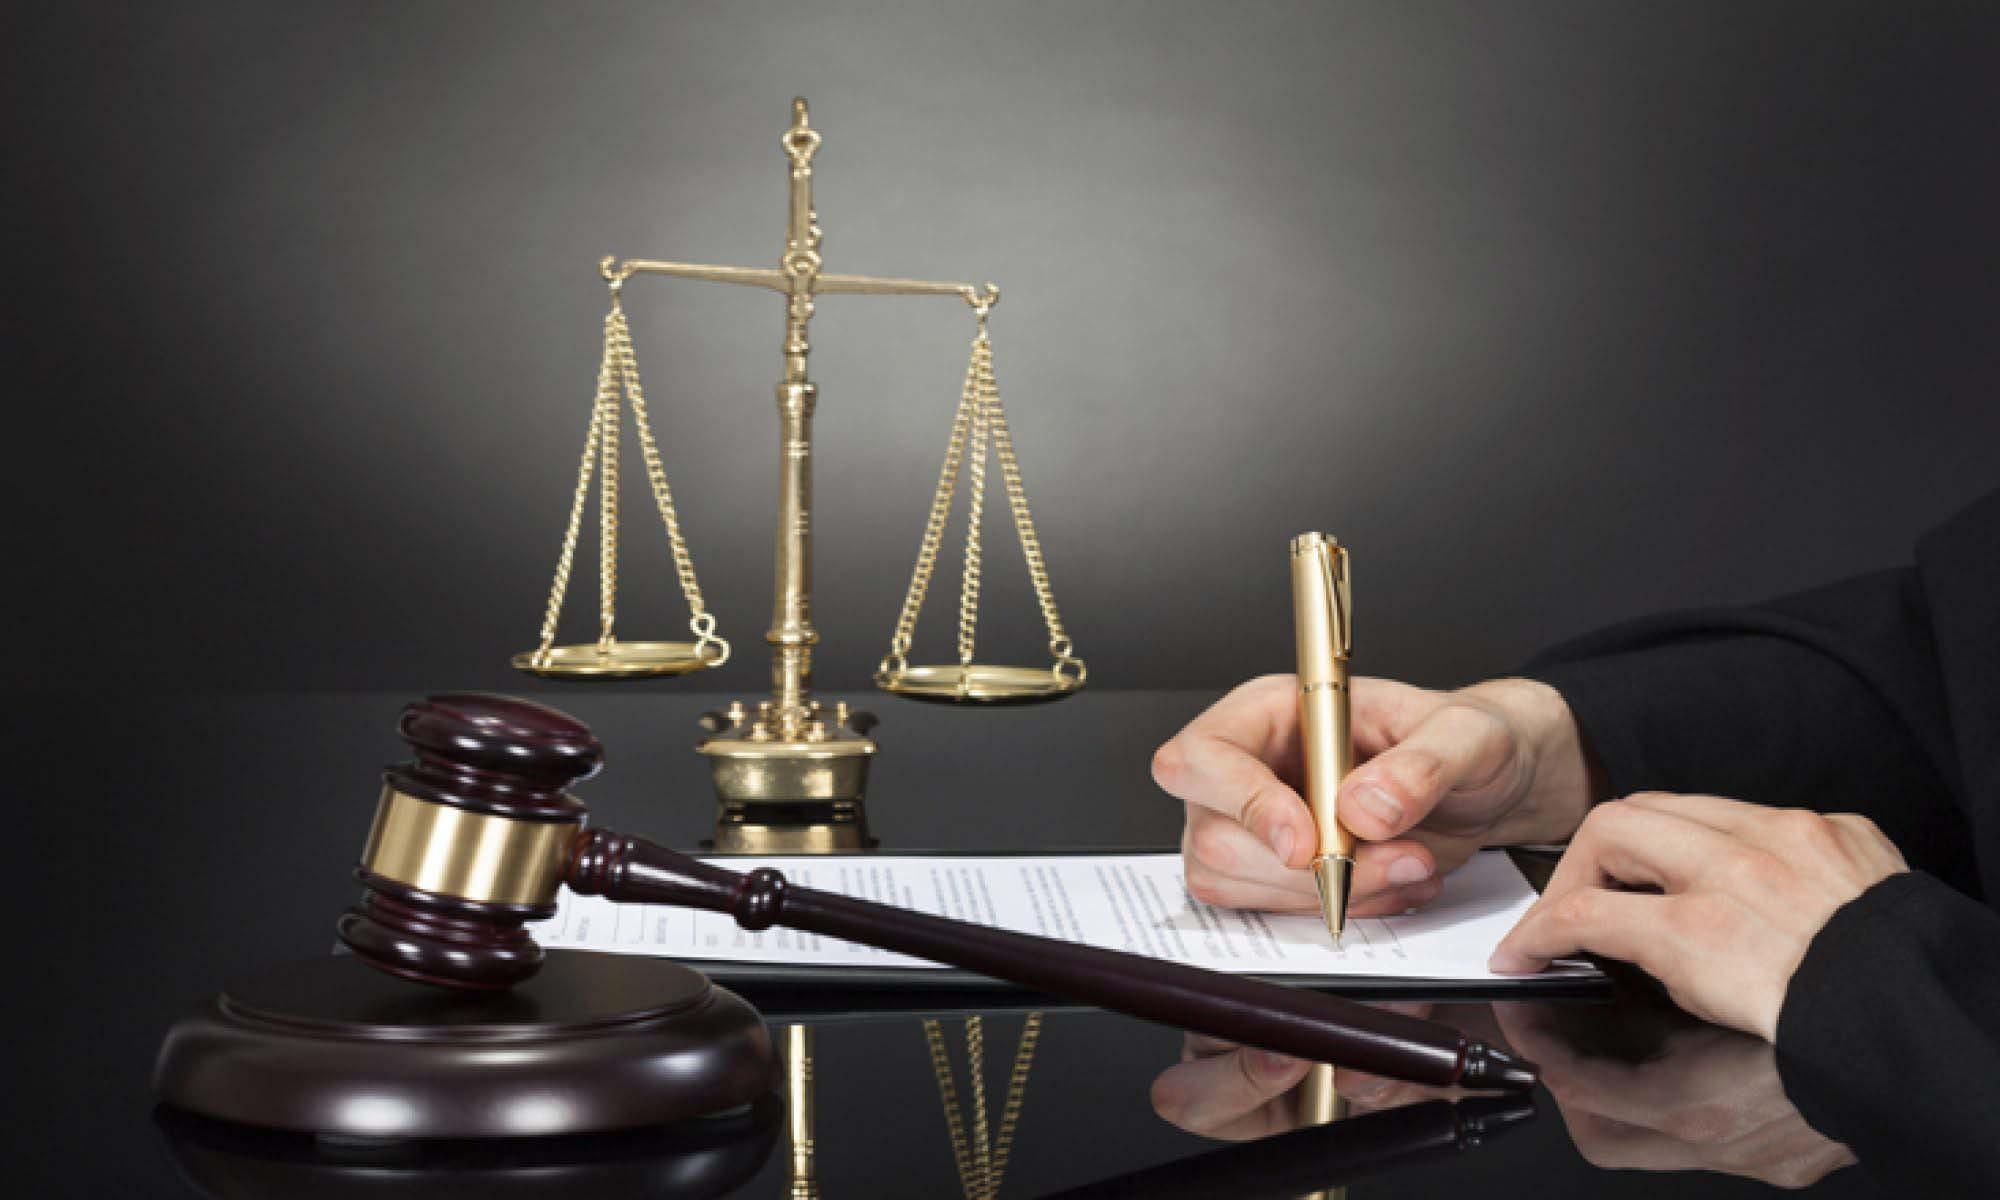 مطلع بودن از قوانین و مقررات